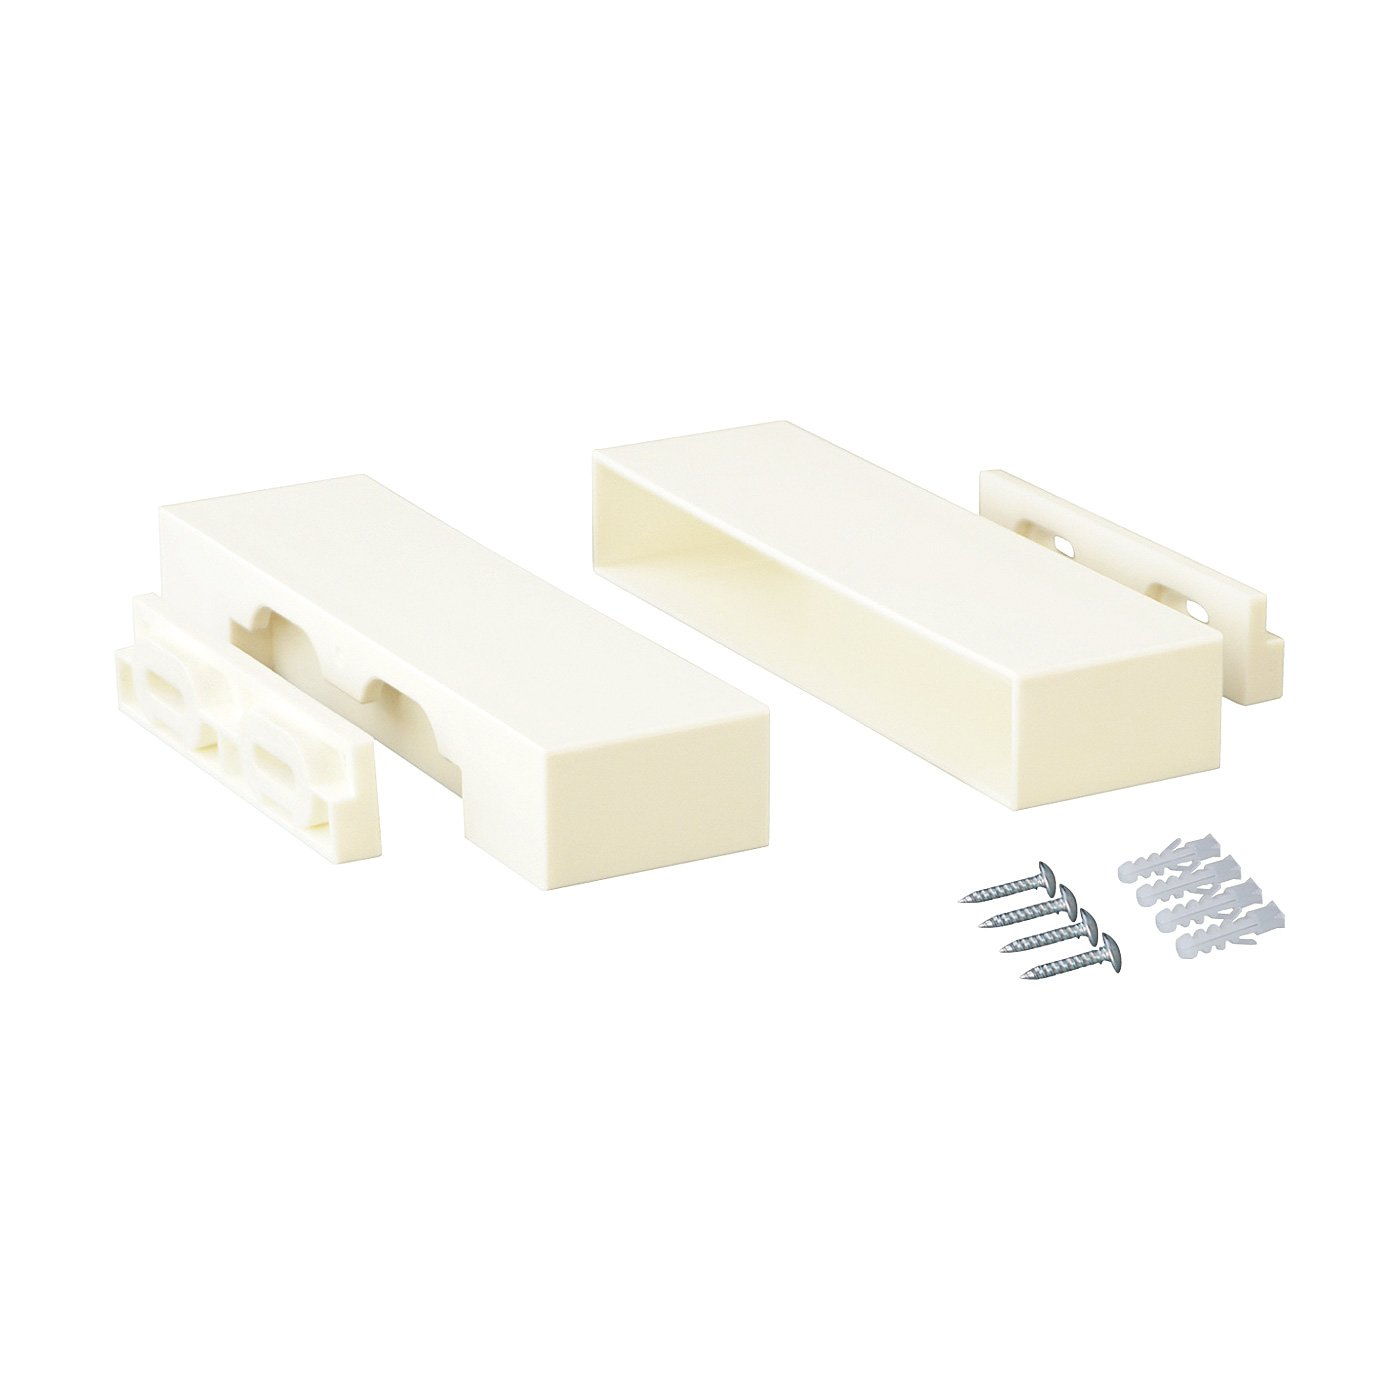 木材1本からはじめるお手軽DIY 棚を増やしてカスタマイズ 1×6棚受用アジャスター〈14.6cm・ホワイト〉